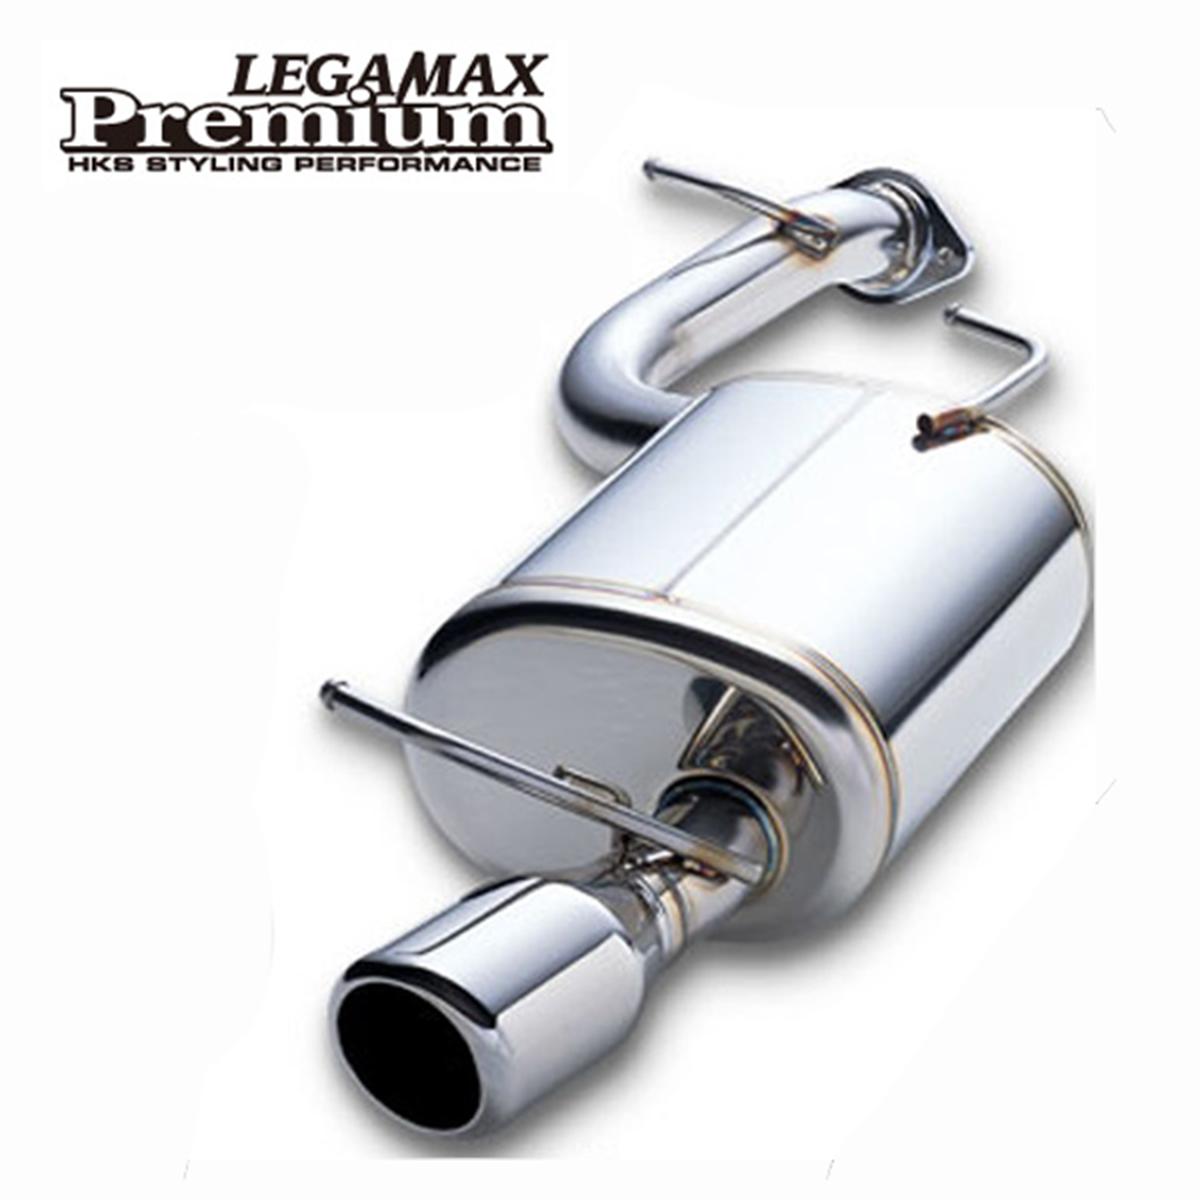 レガシィツーリングワゴン マフラー DBA-BR9 HKS 31021-AF019 リーガマックスプレミアム 配送先条件有り